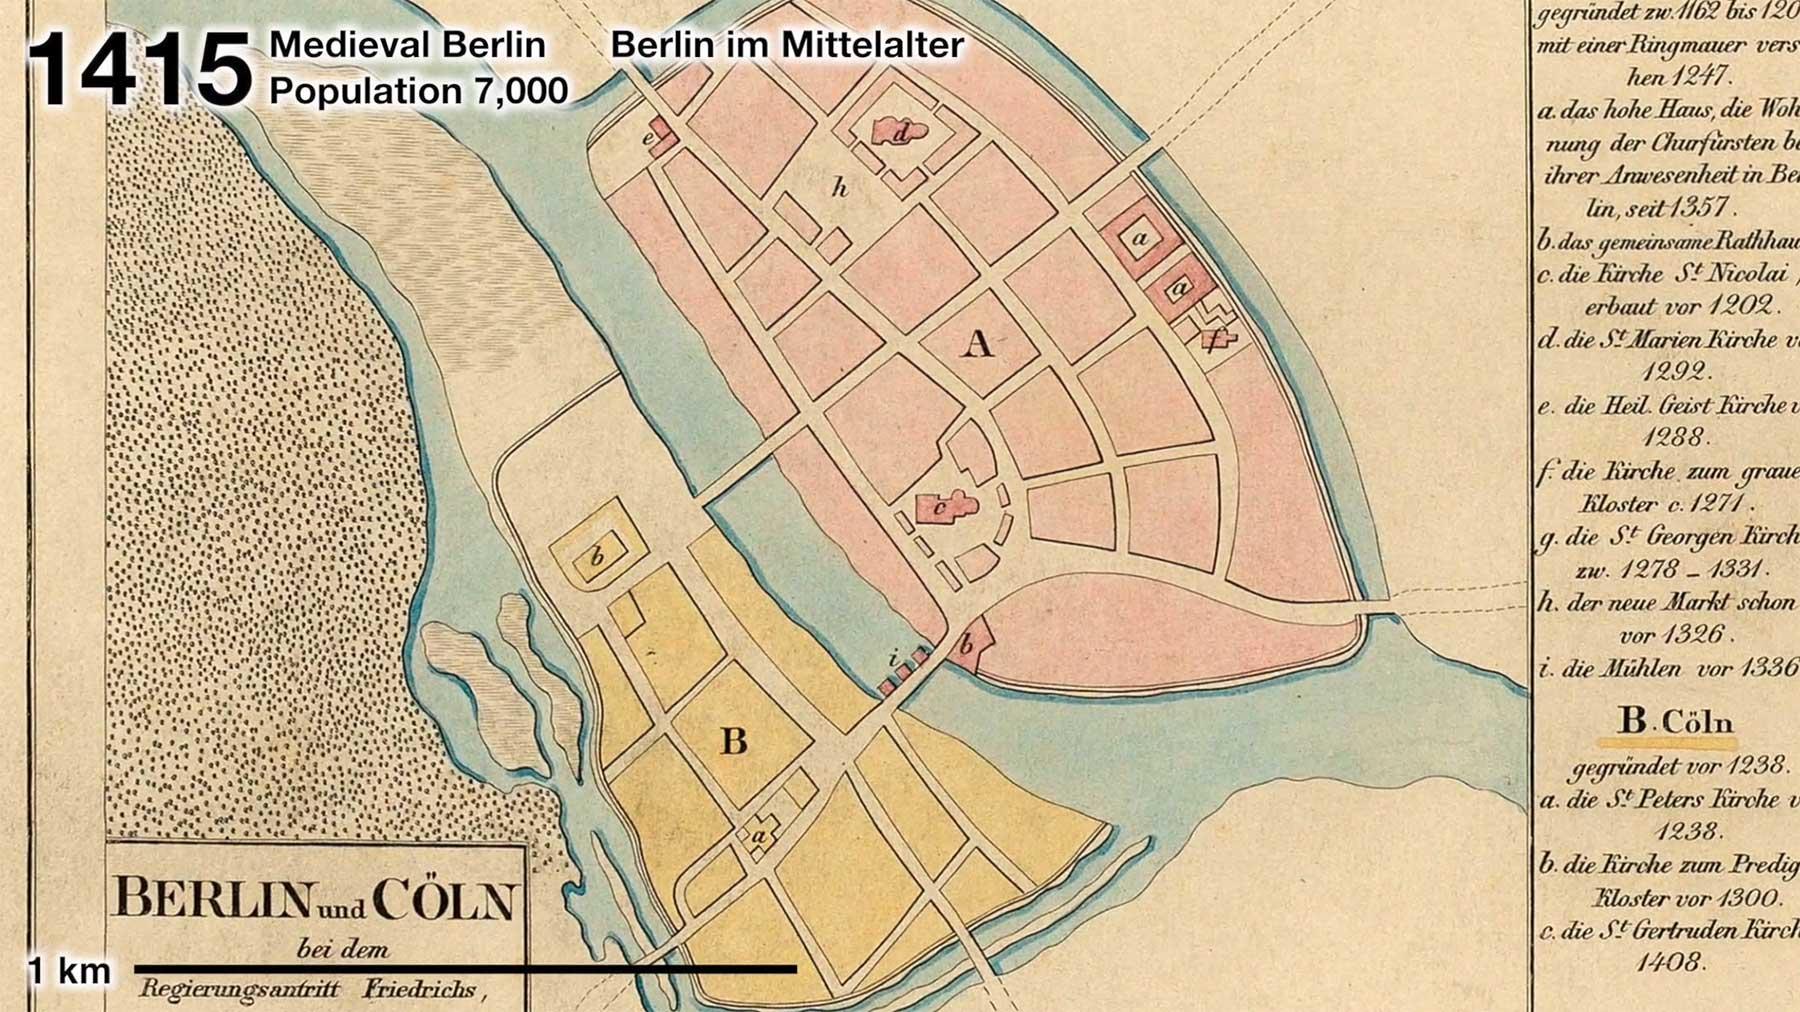 Berlin: Veränderung von Stadtplan und Bevölkerung (1415-2020)